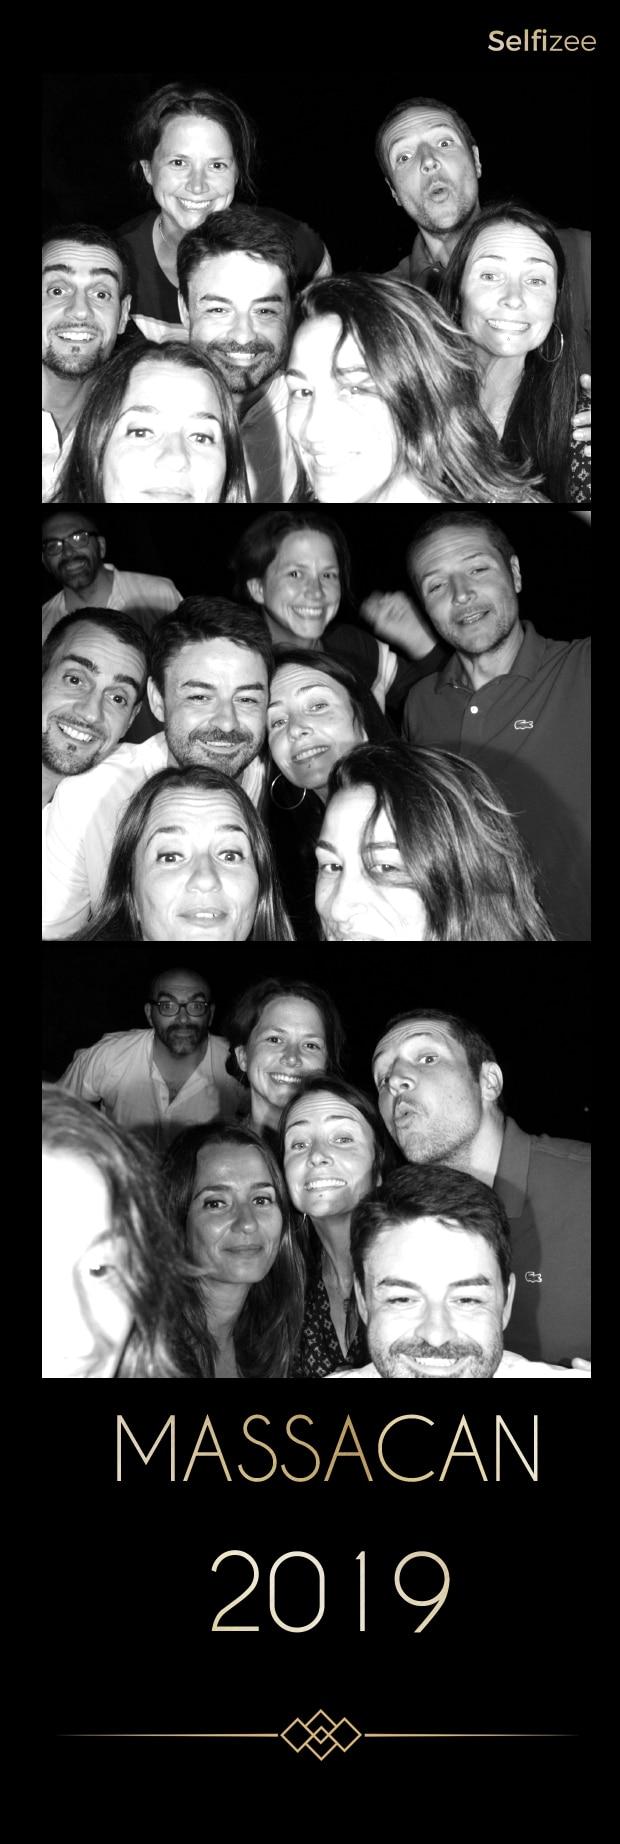 Selfie anniversaire personnalisé et animation photobooth avec imprimante - location borne selfie Toulon / Var pour fête anniversaire, soirée, baptême, mariage